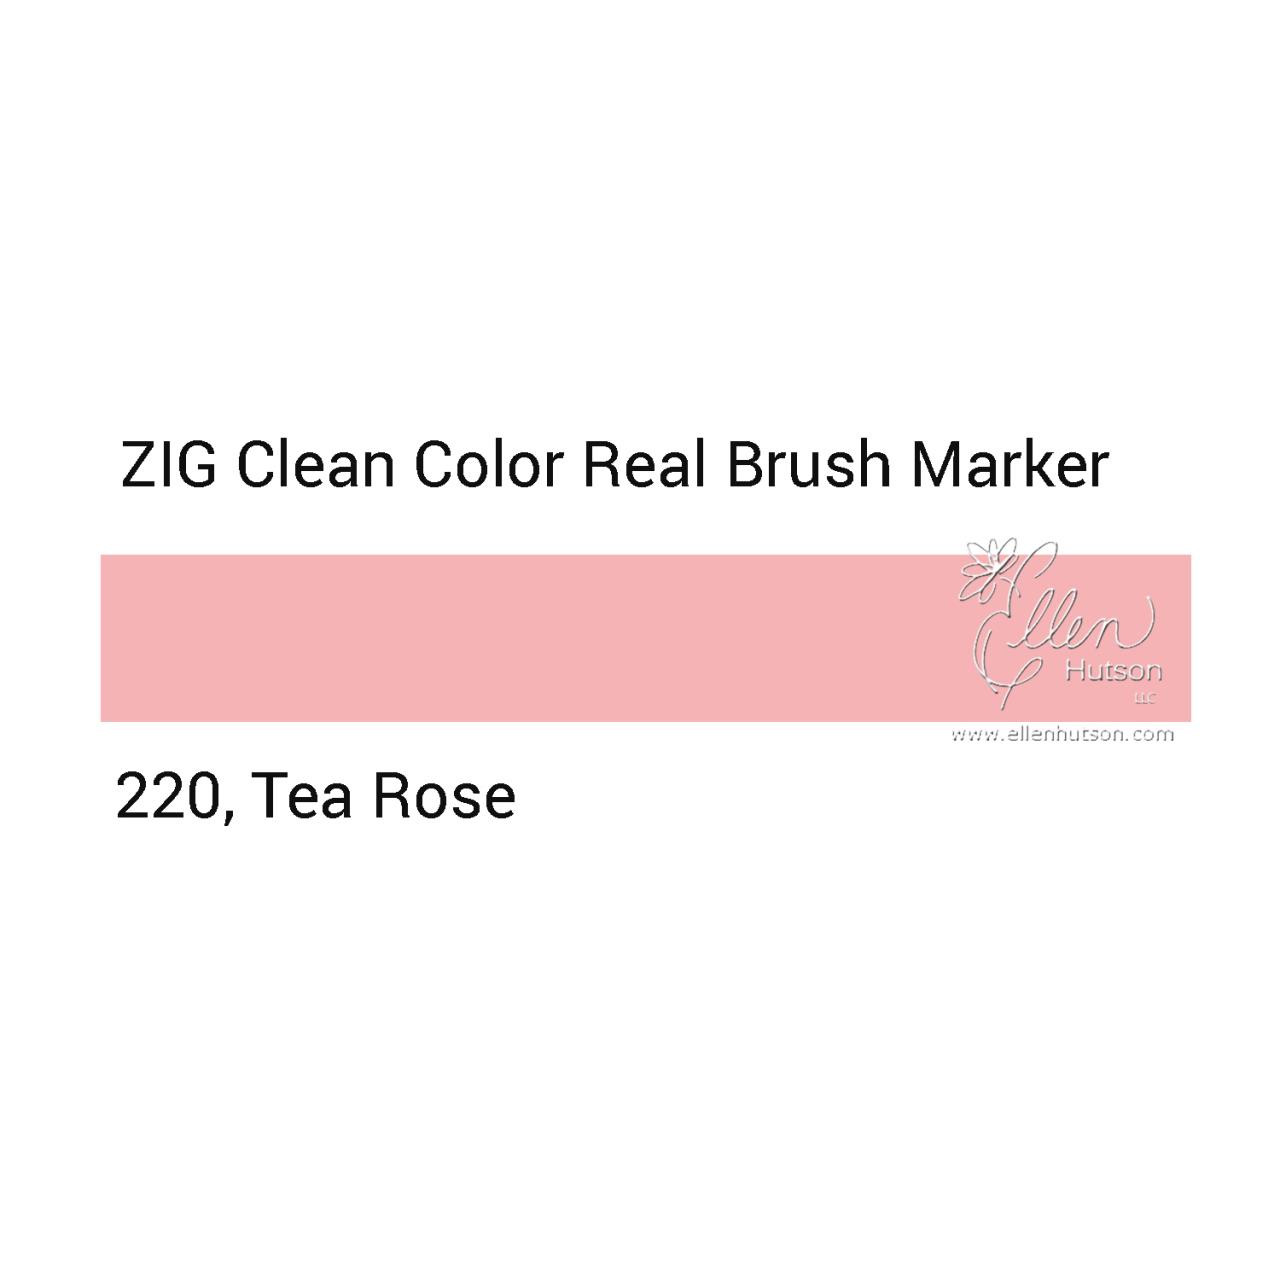 220 - Tea Rose, ZIG Clean Color Real Brush Marker -